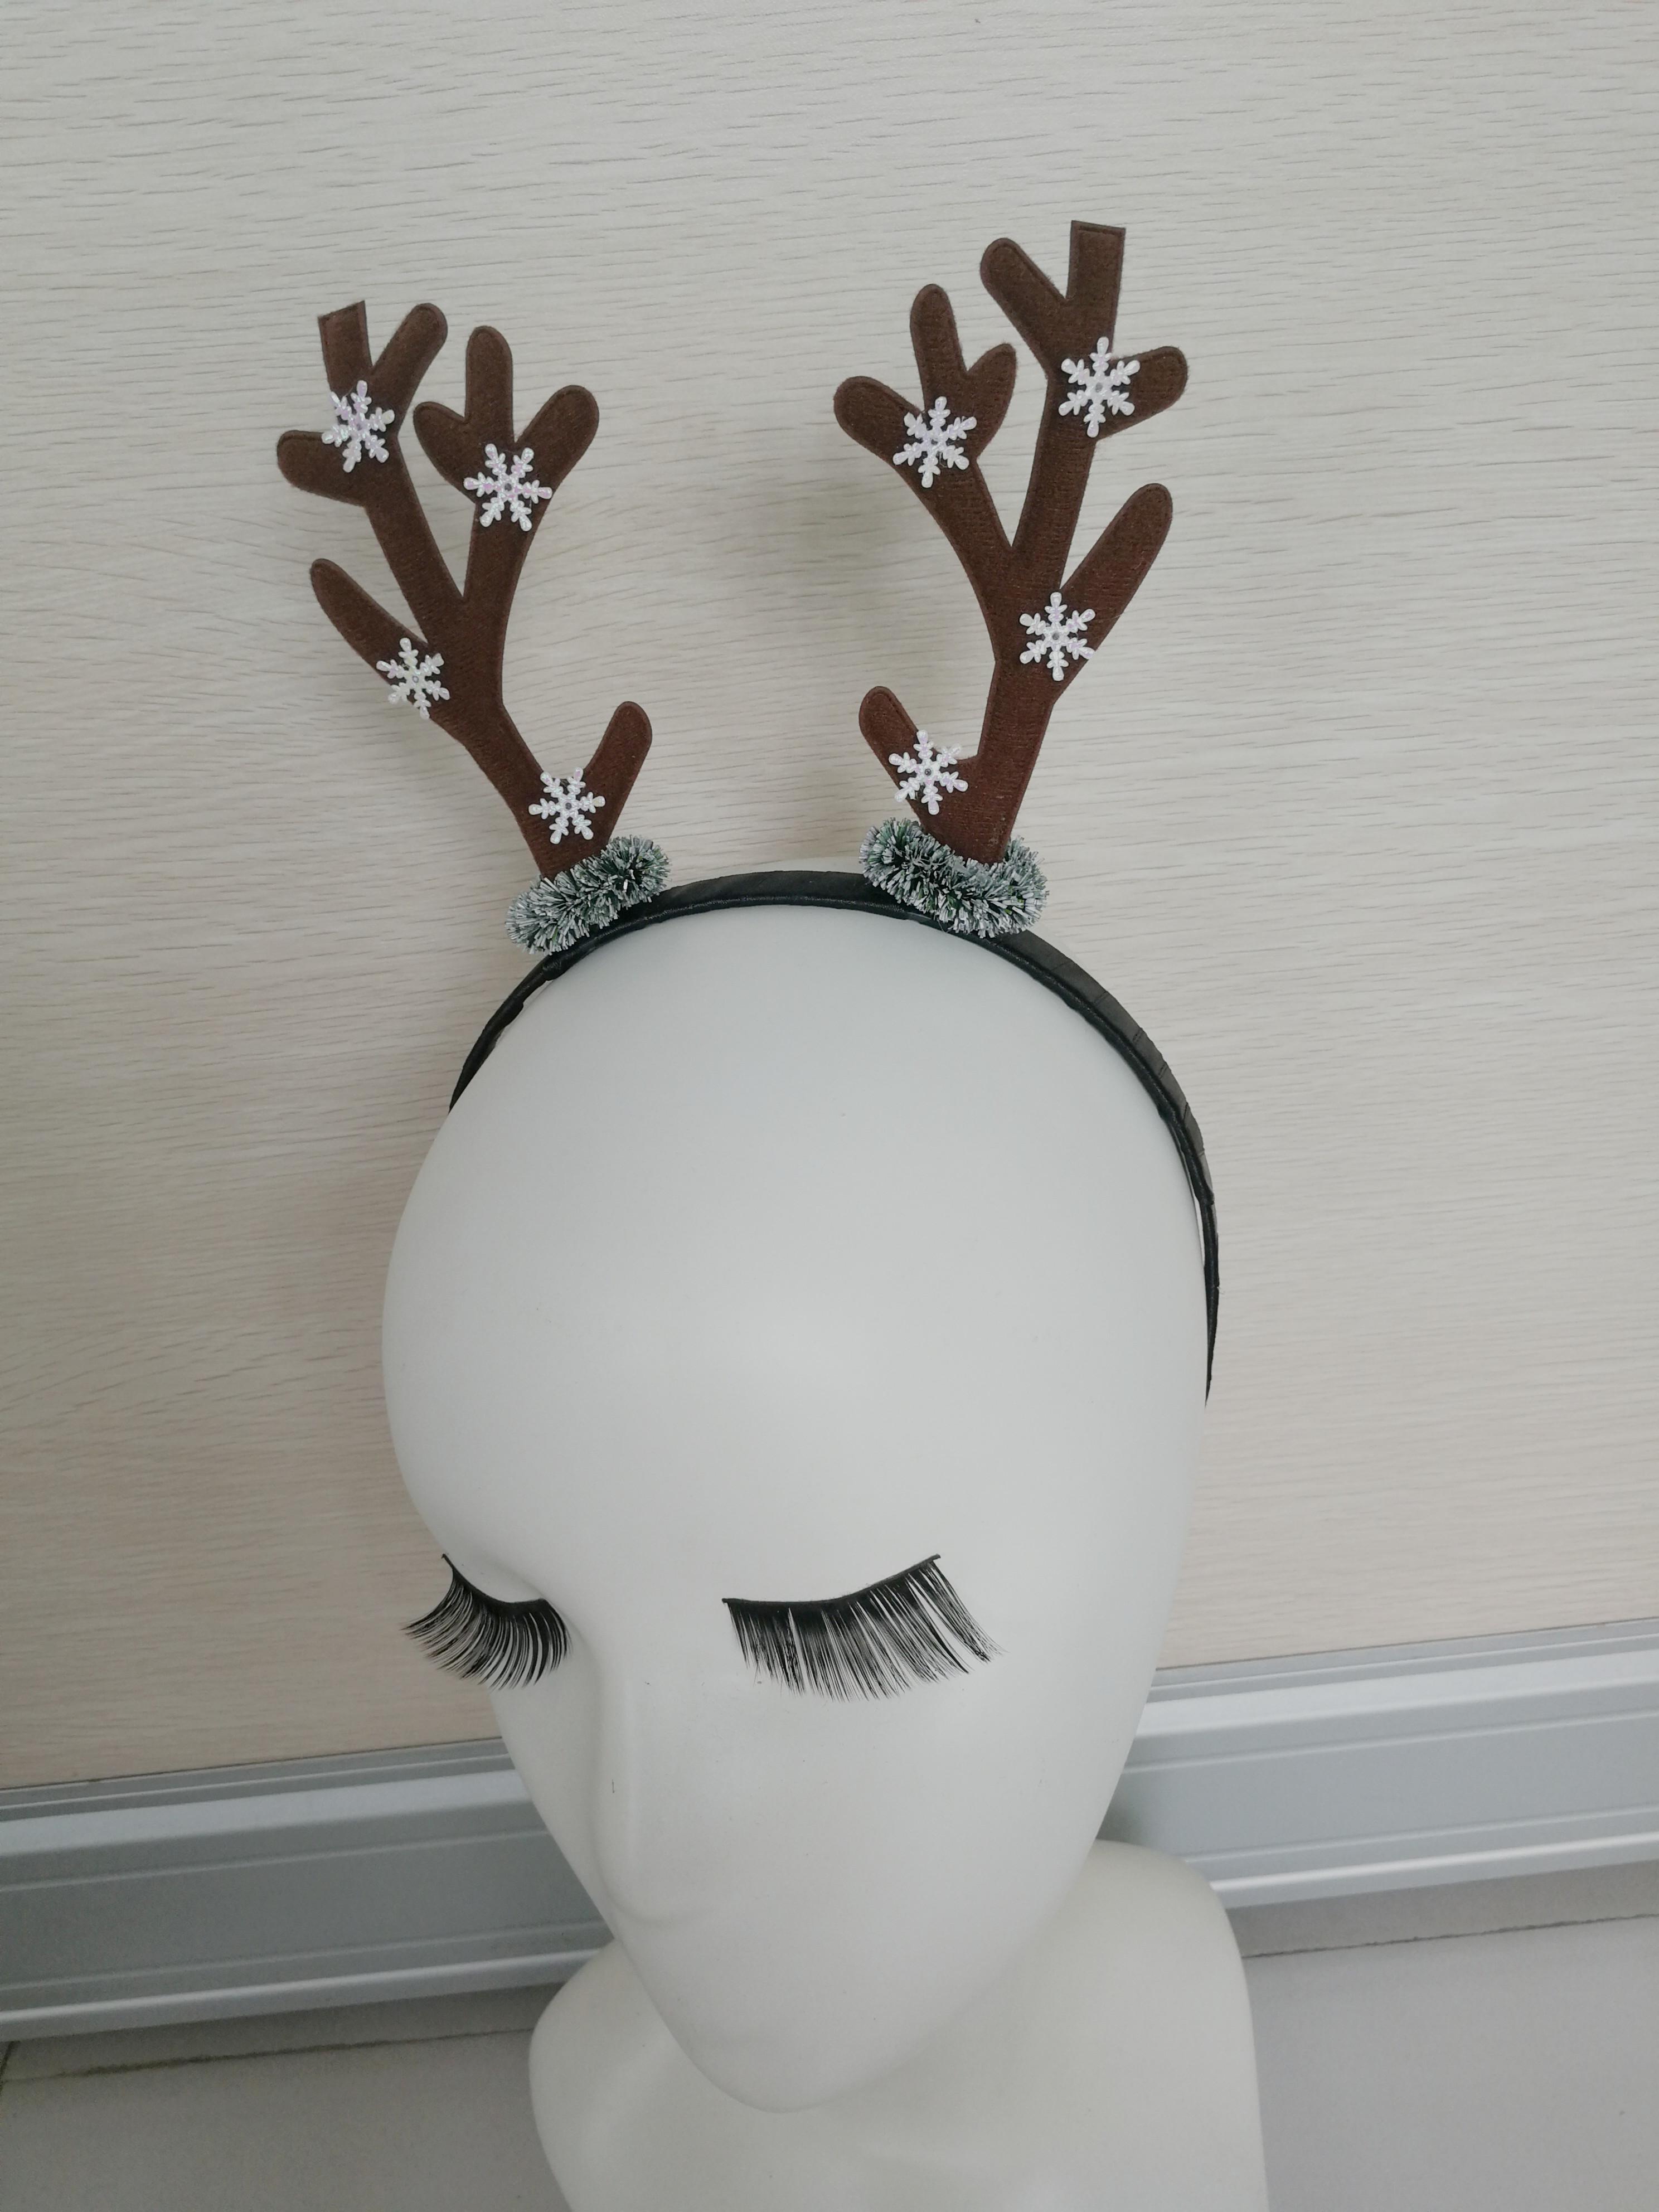 日韩 新款装饰用品创意圣诞鹿角头箍发带圣诞节派对表演装扮饰品